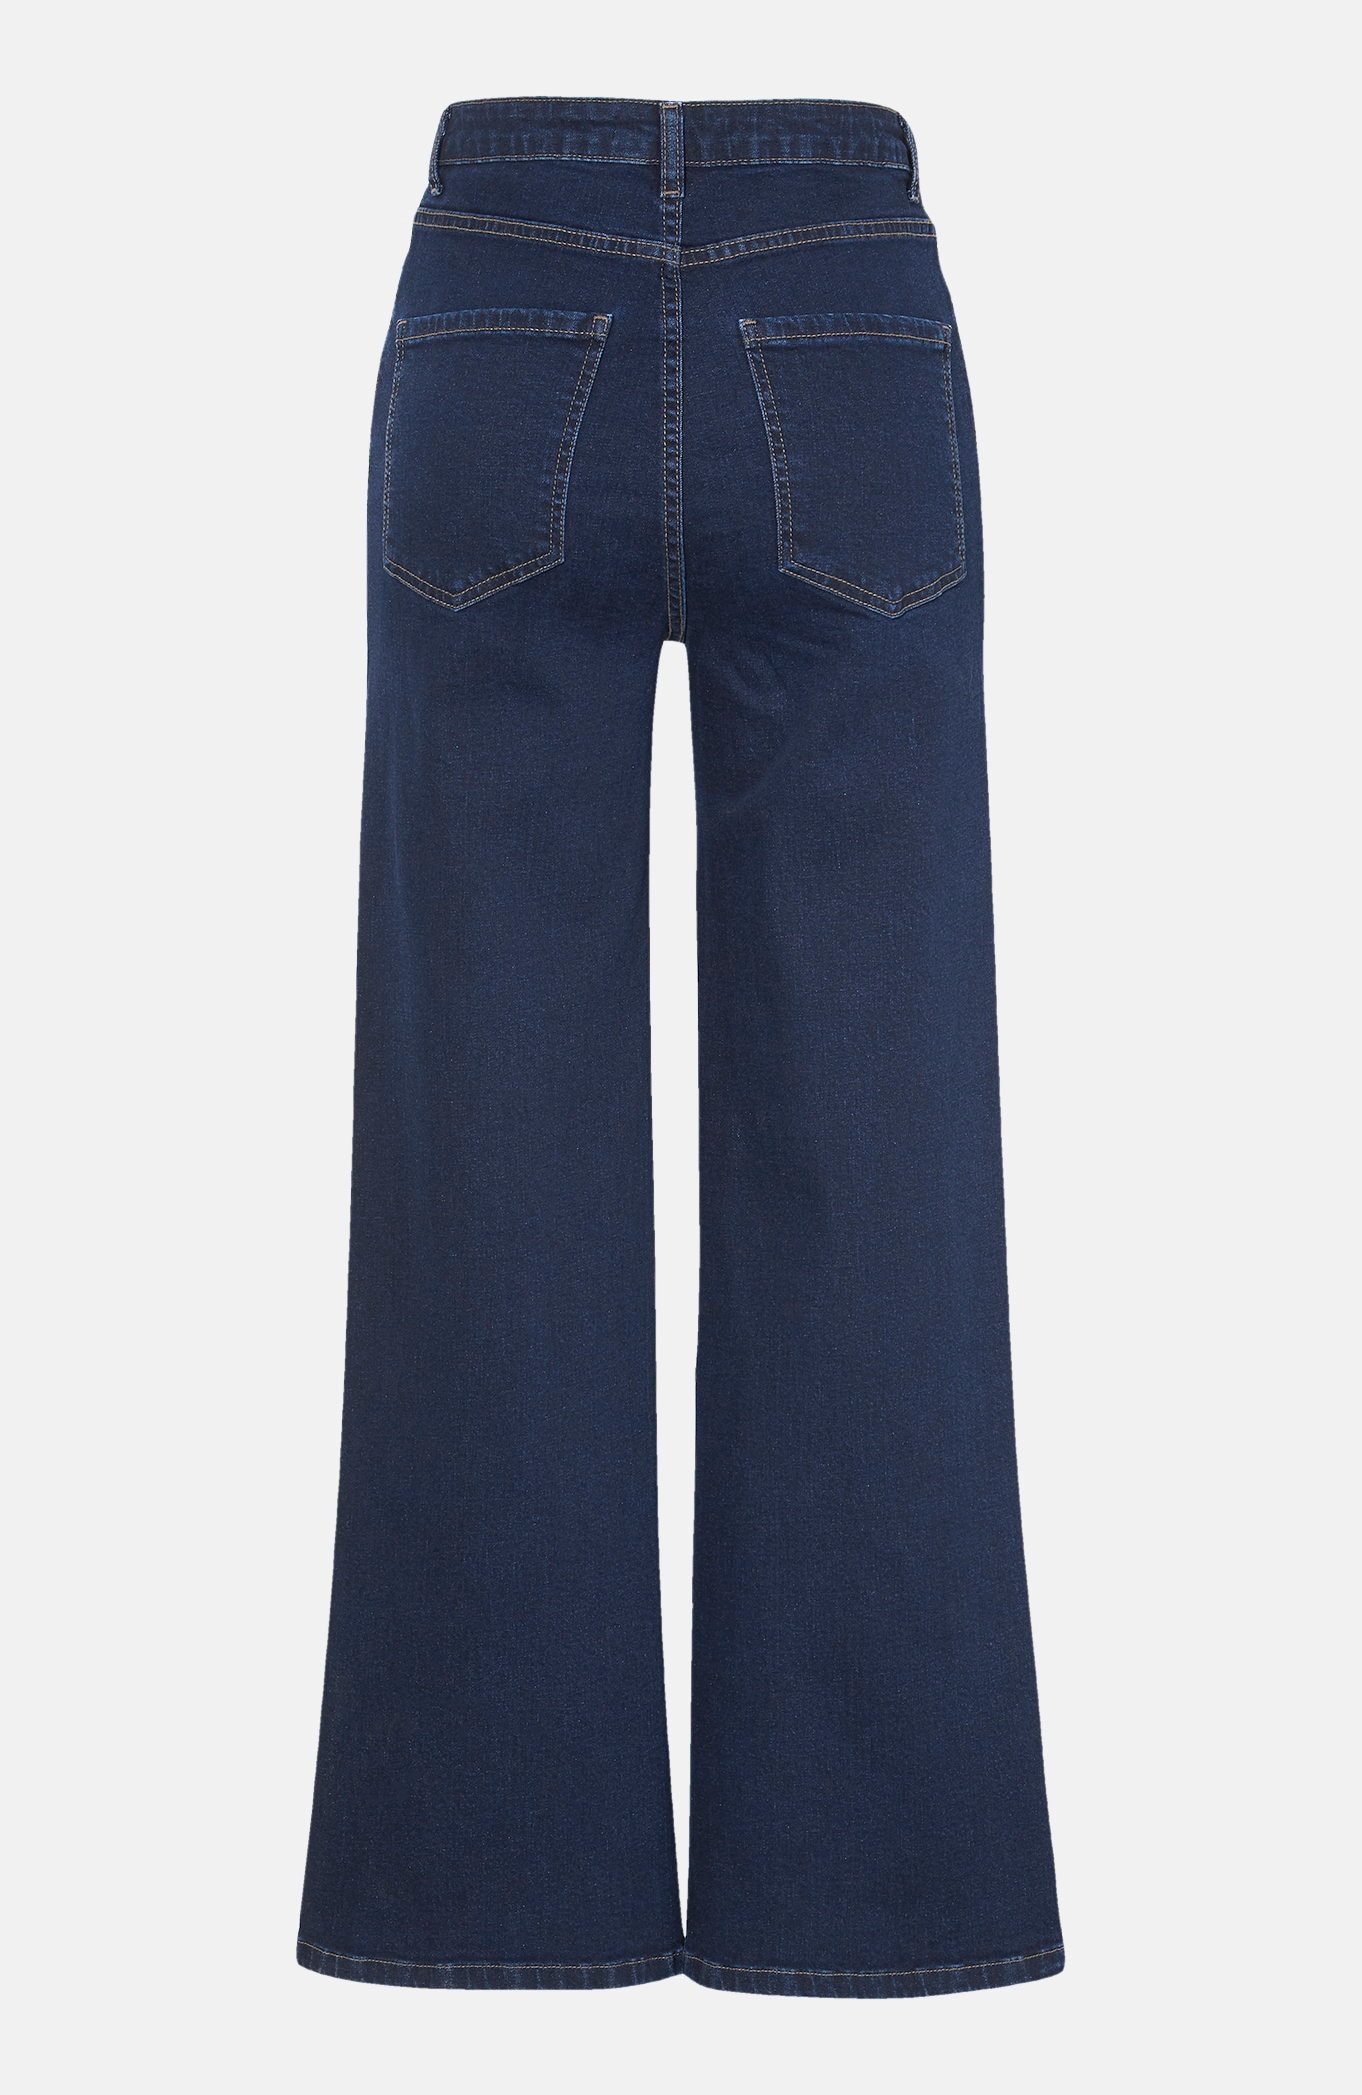 Dżinsy z bio bawełny ze szeroką nogawka spodni